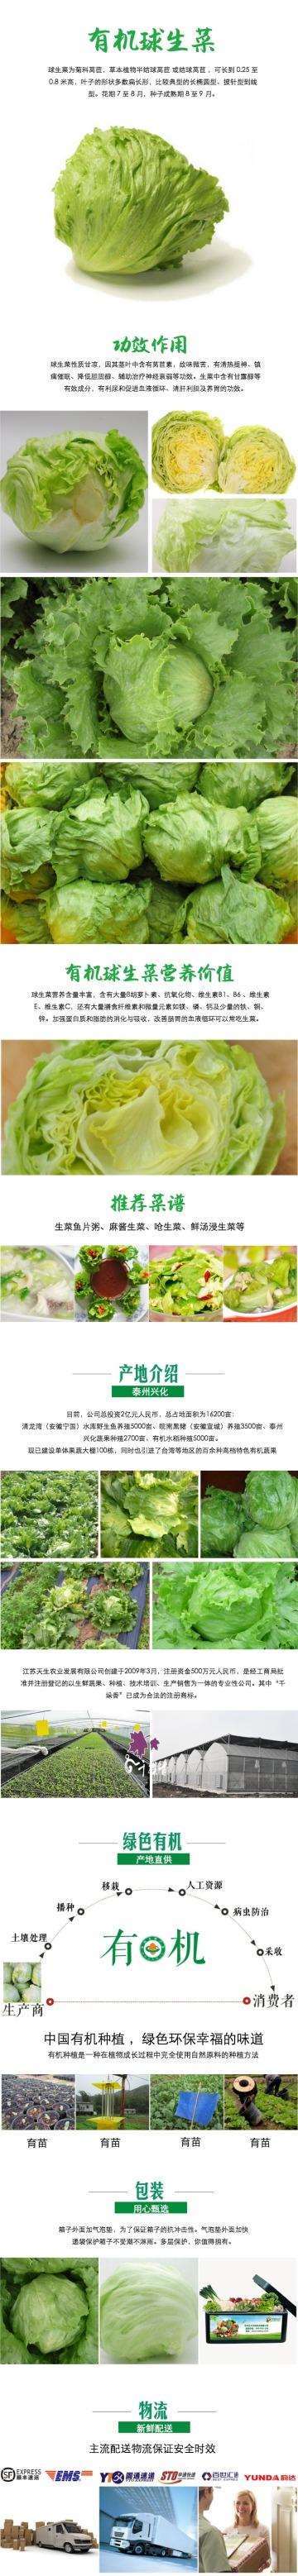 绿色清新简约有机球生菜电商详情图